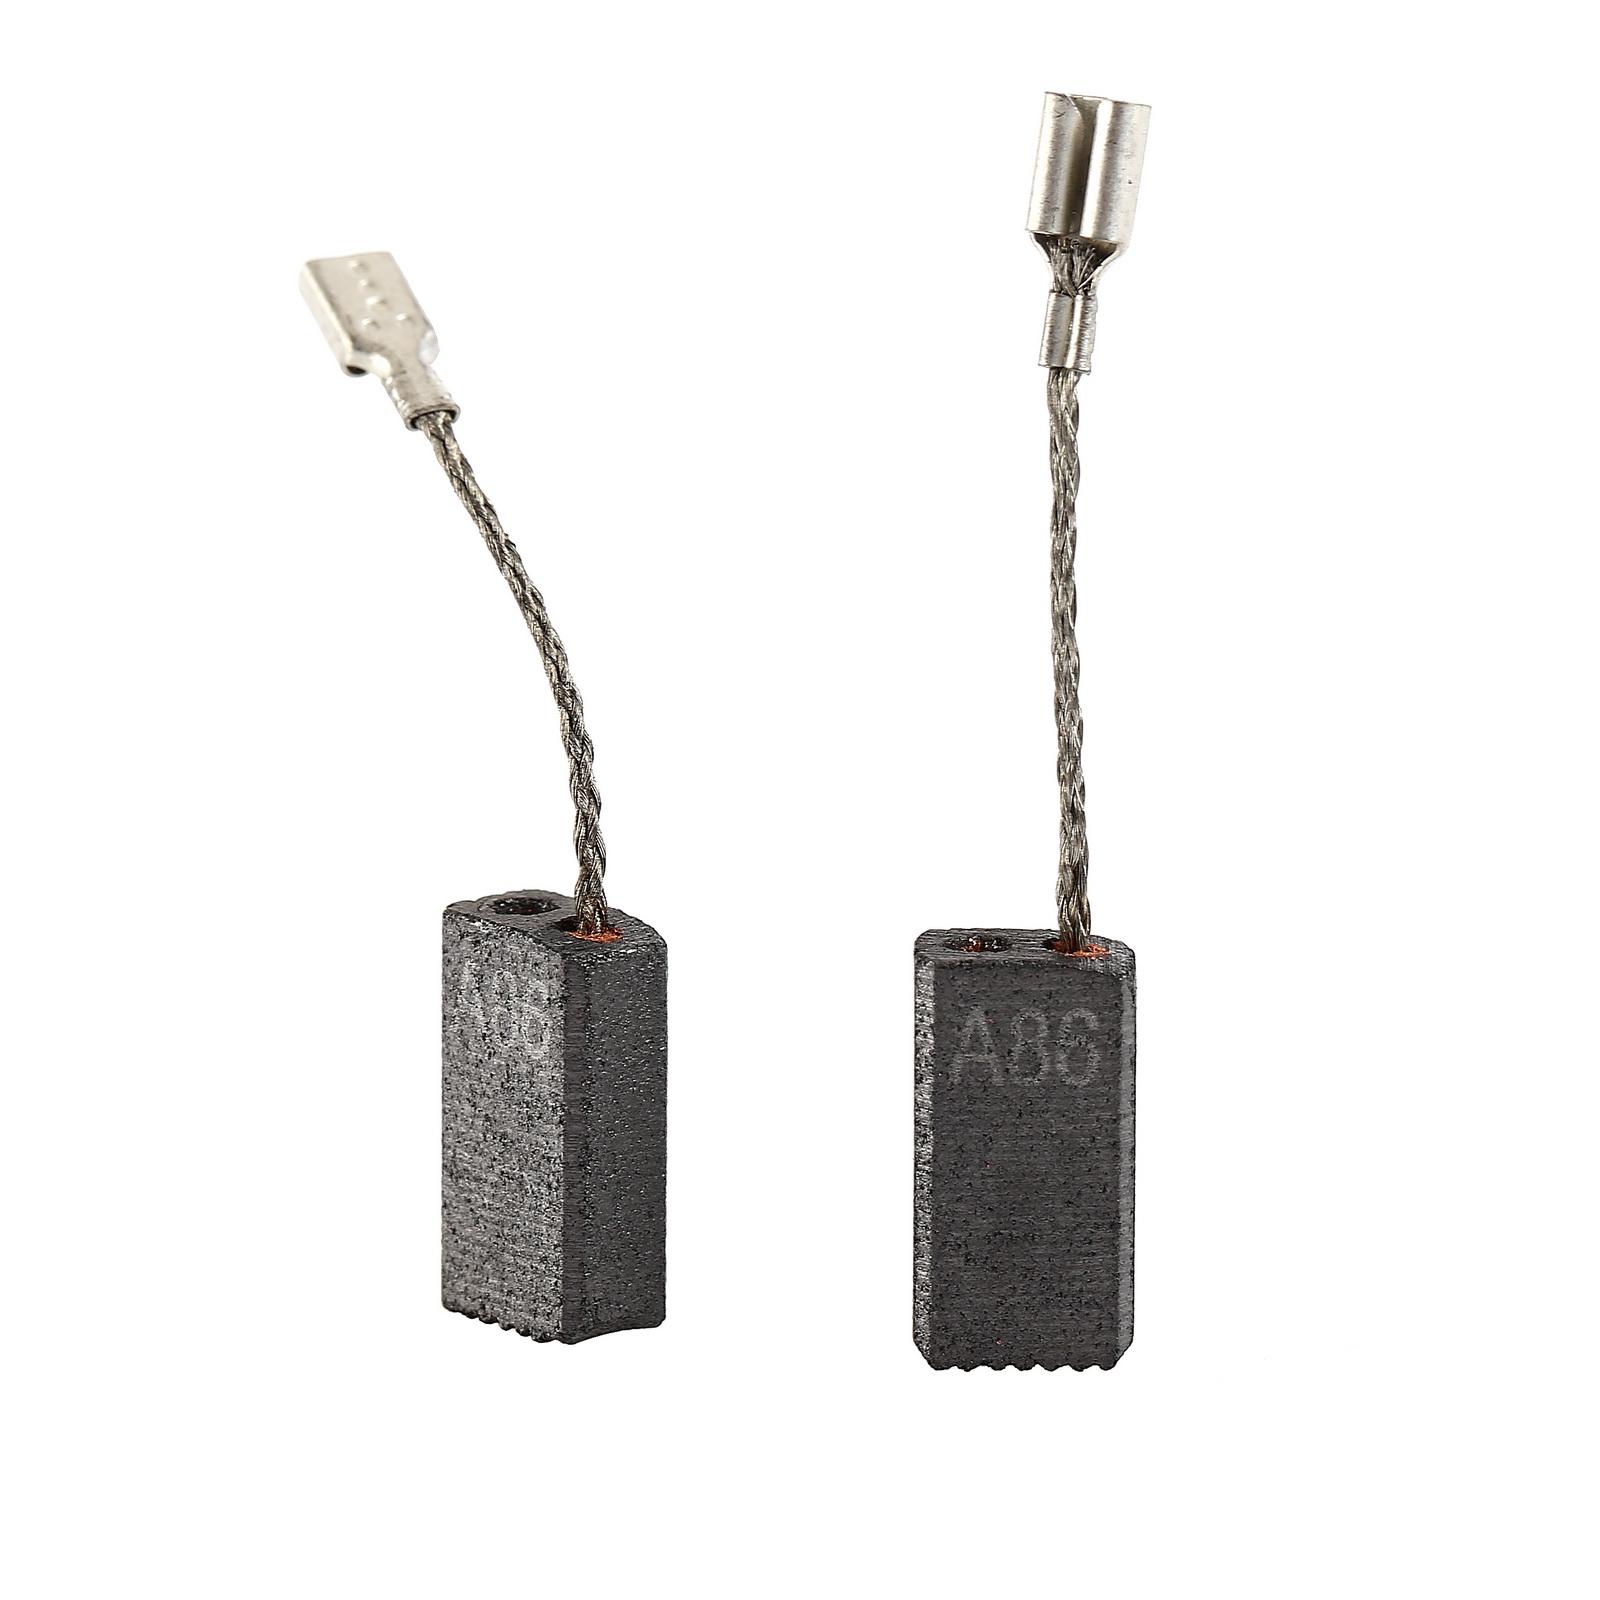 404-319 Щетки угольные (2 шт.) для bosch (1607014145) autostop, Щётка